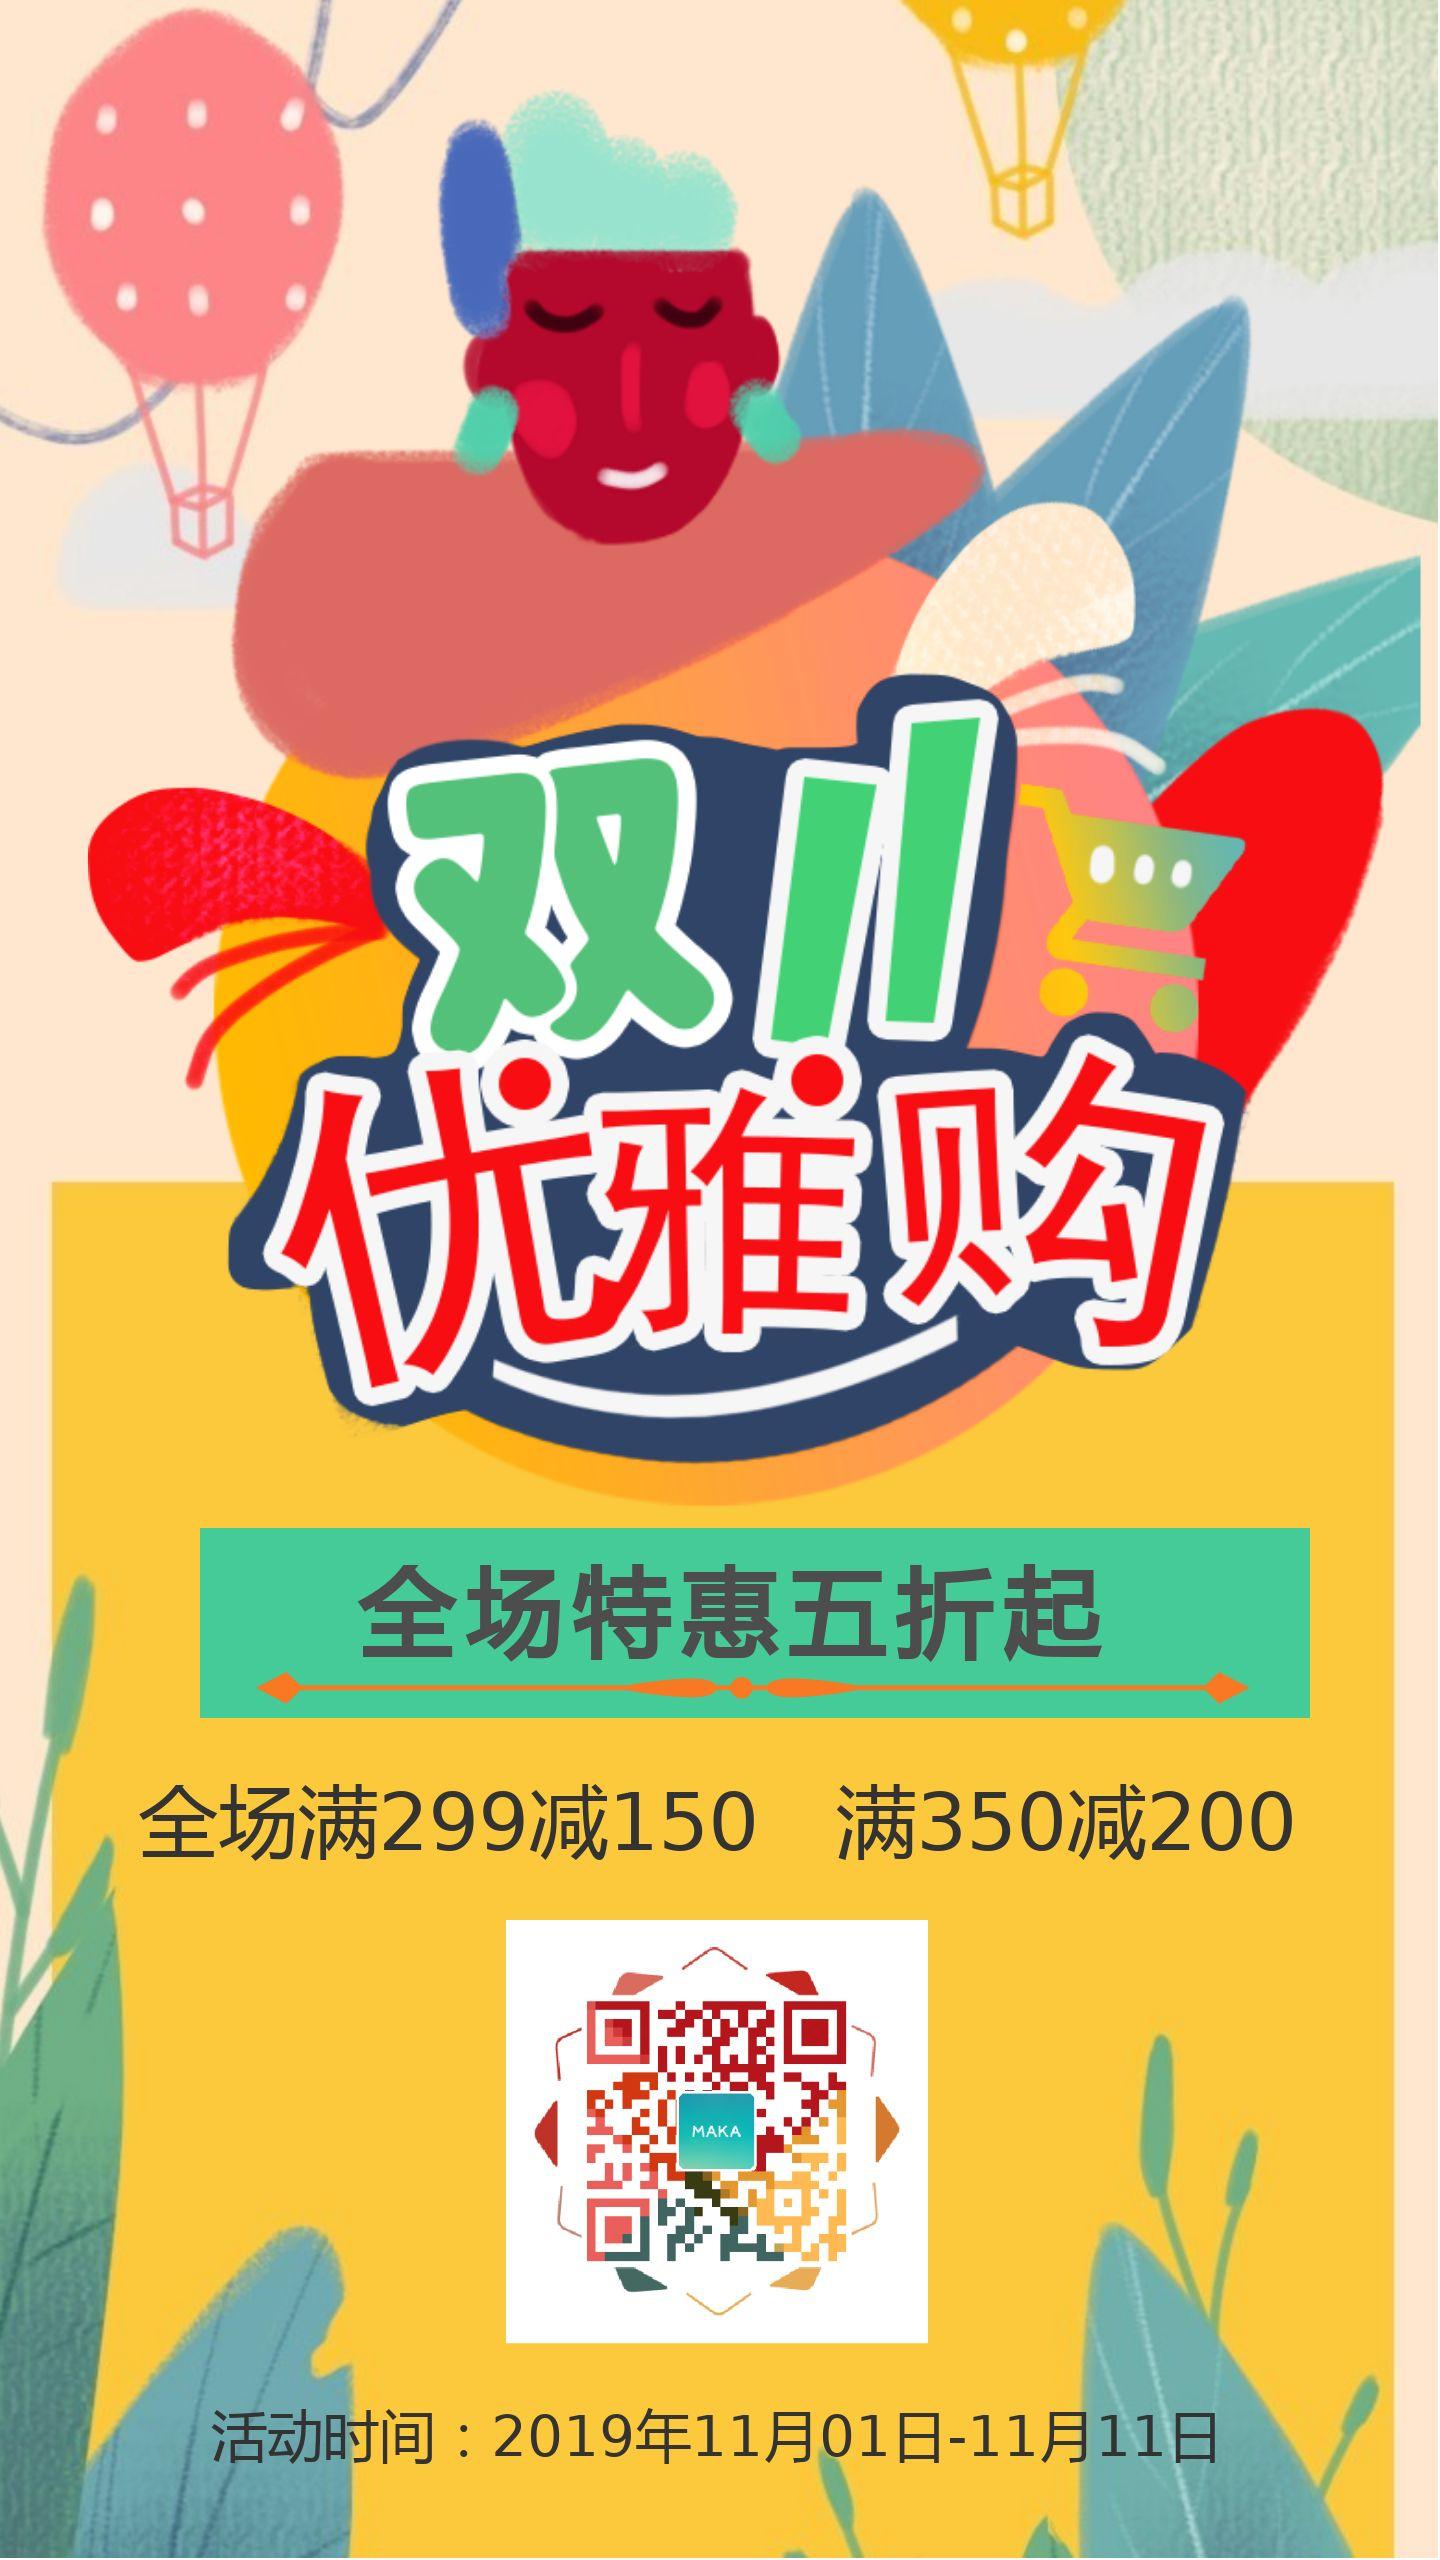 黄色简约大气手绘风店铺双十一促销活动宣传海报